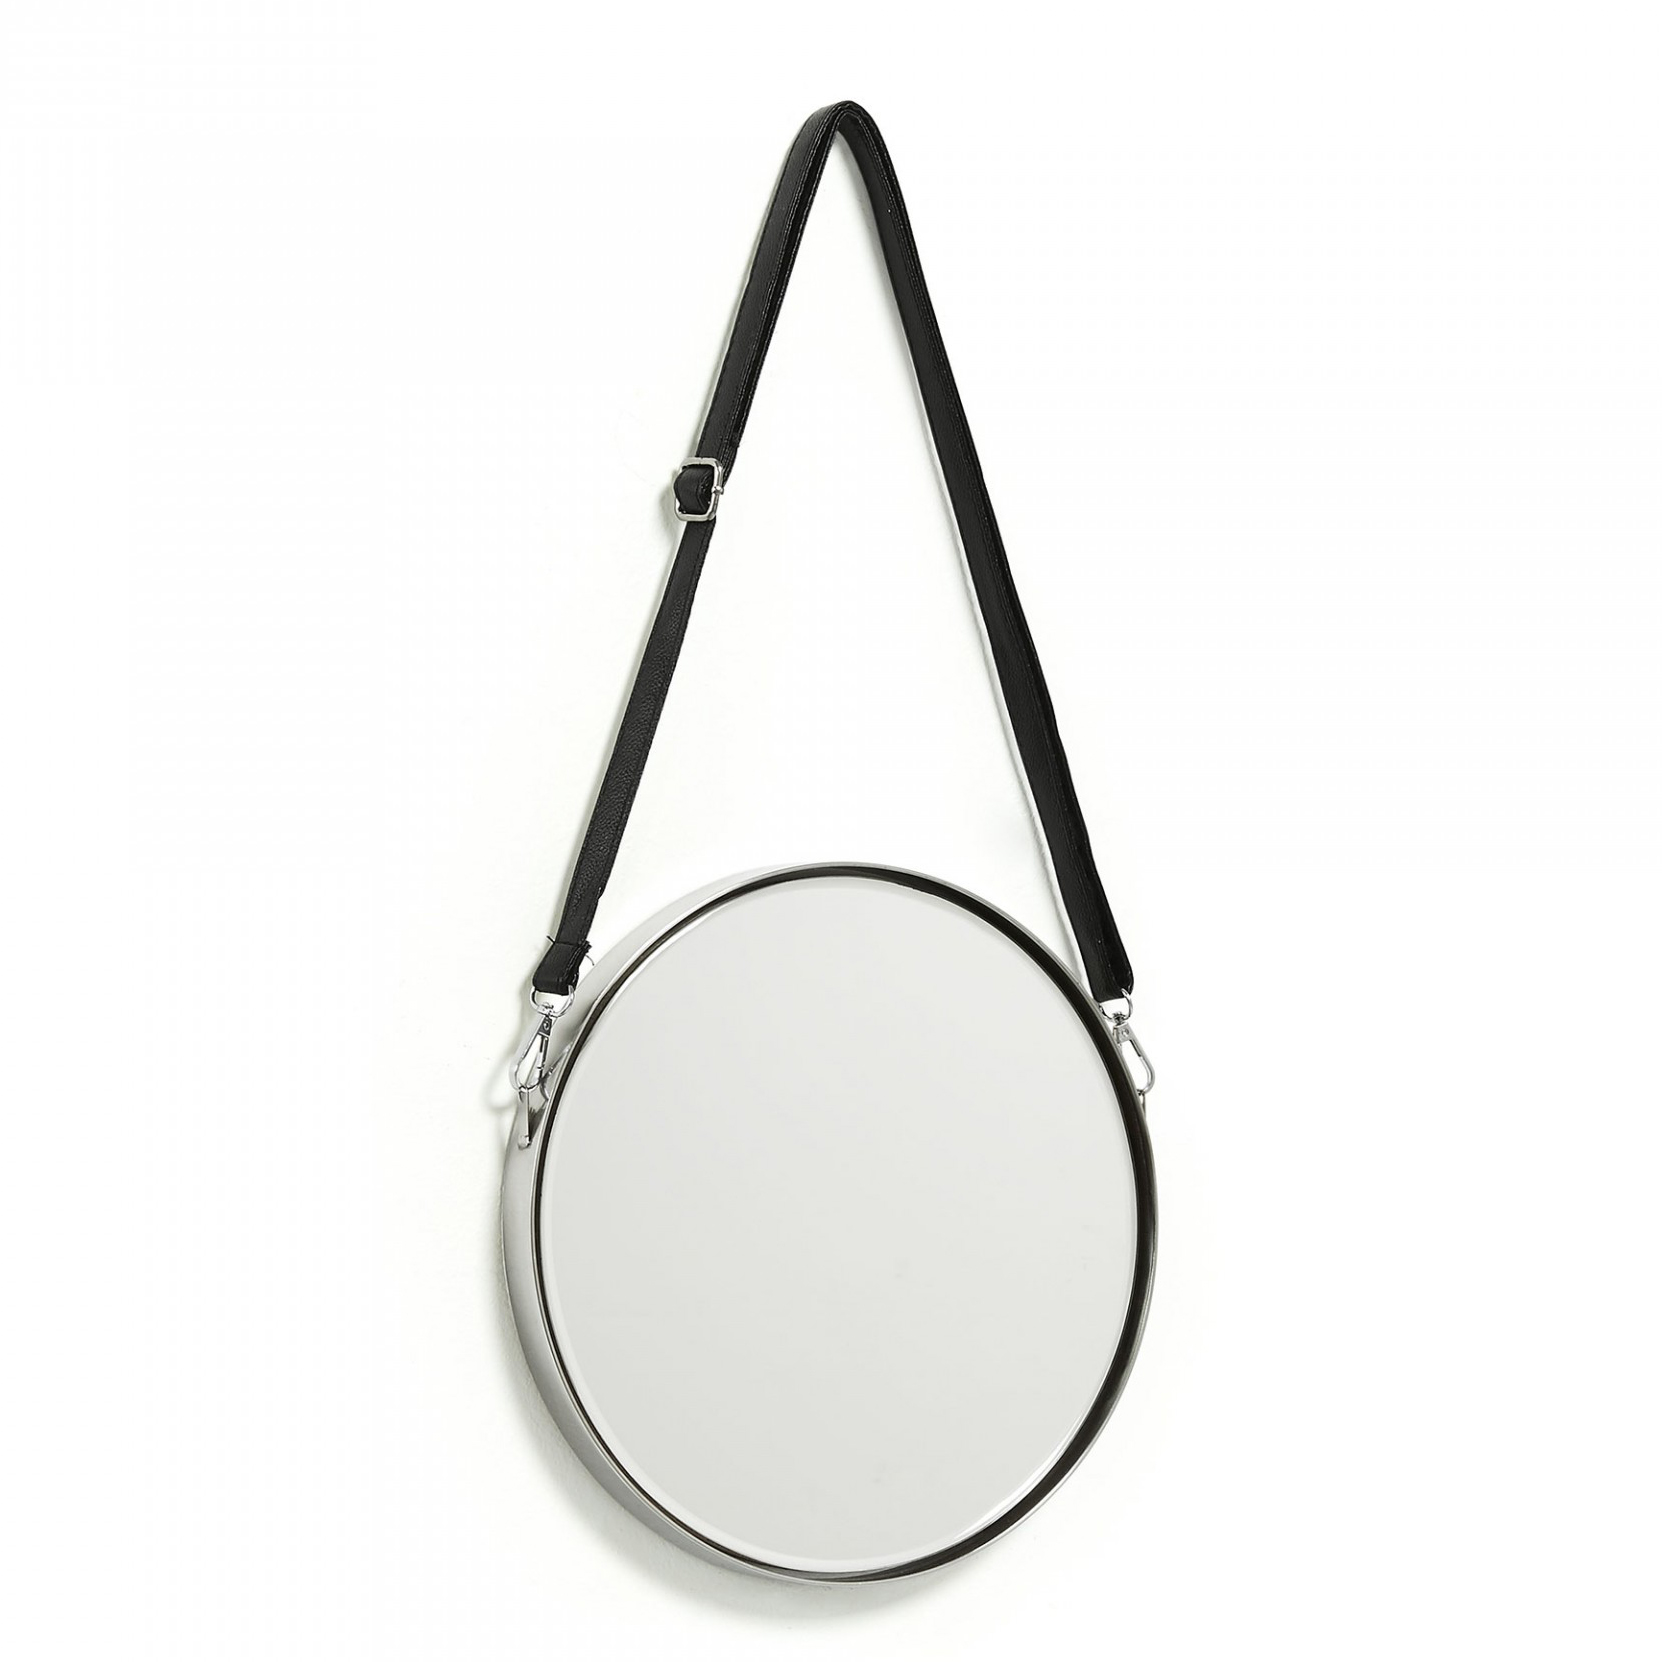 Espelho Elga, metal, Ø30cm